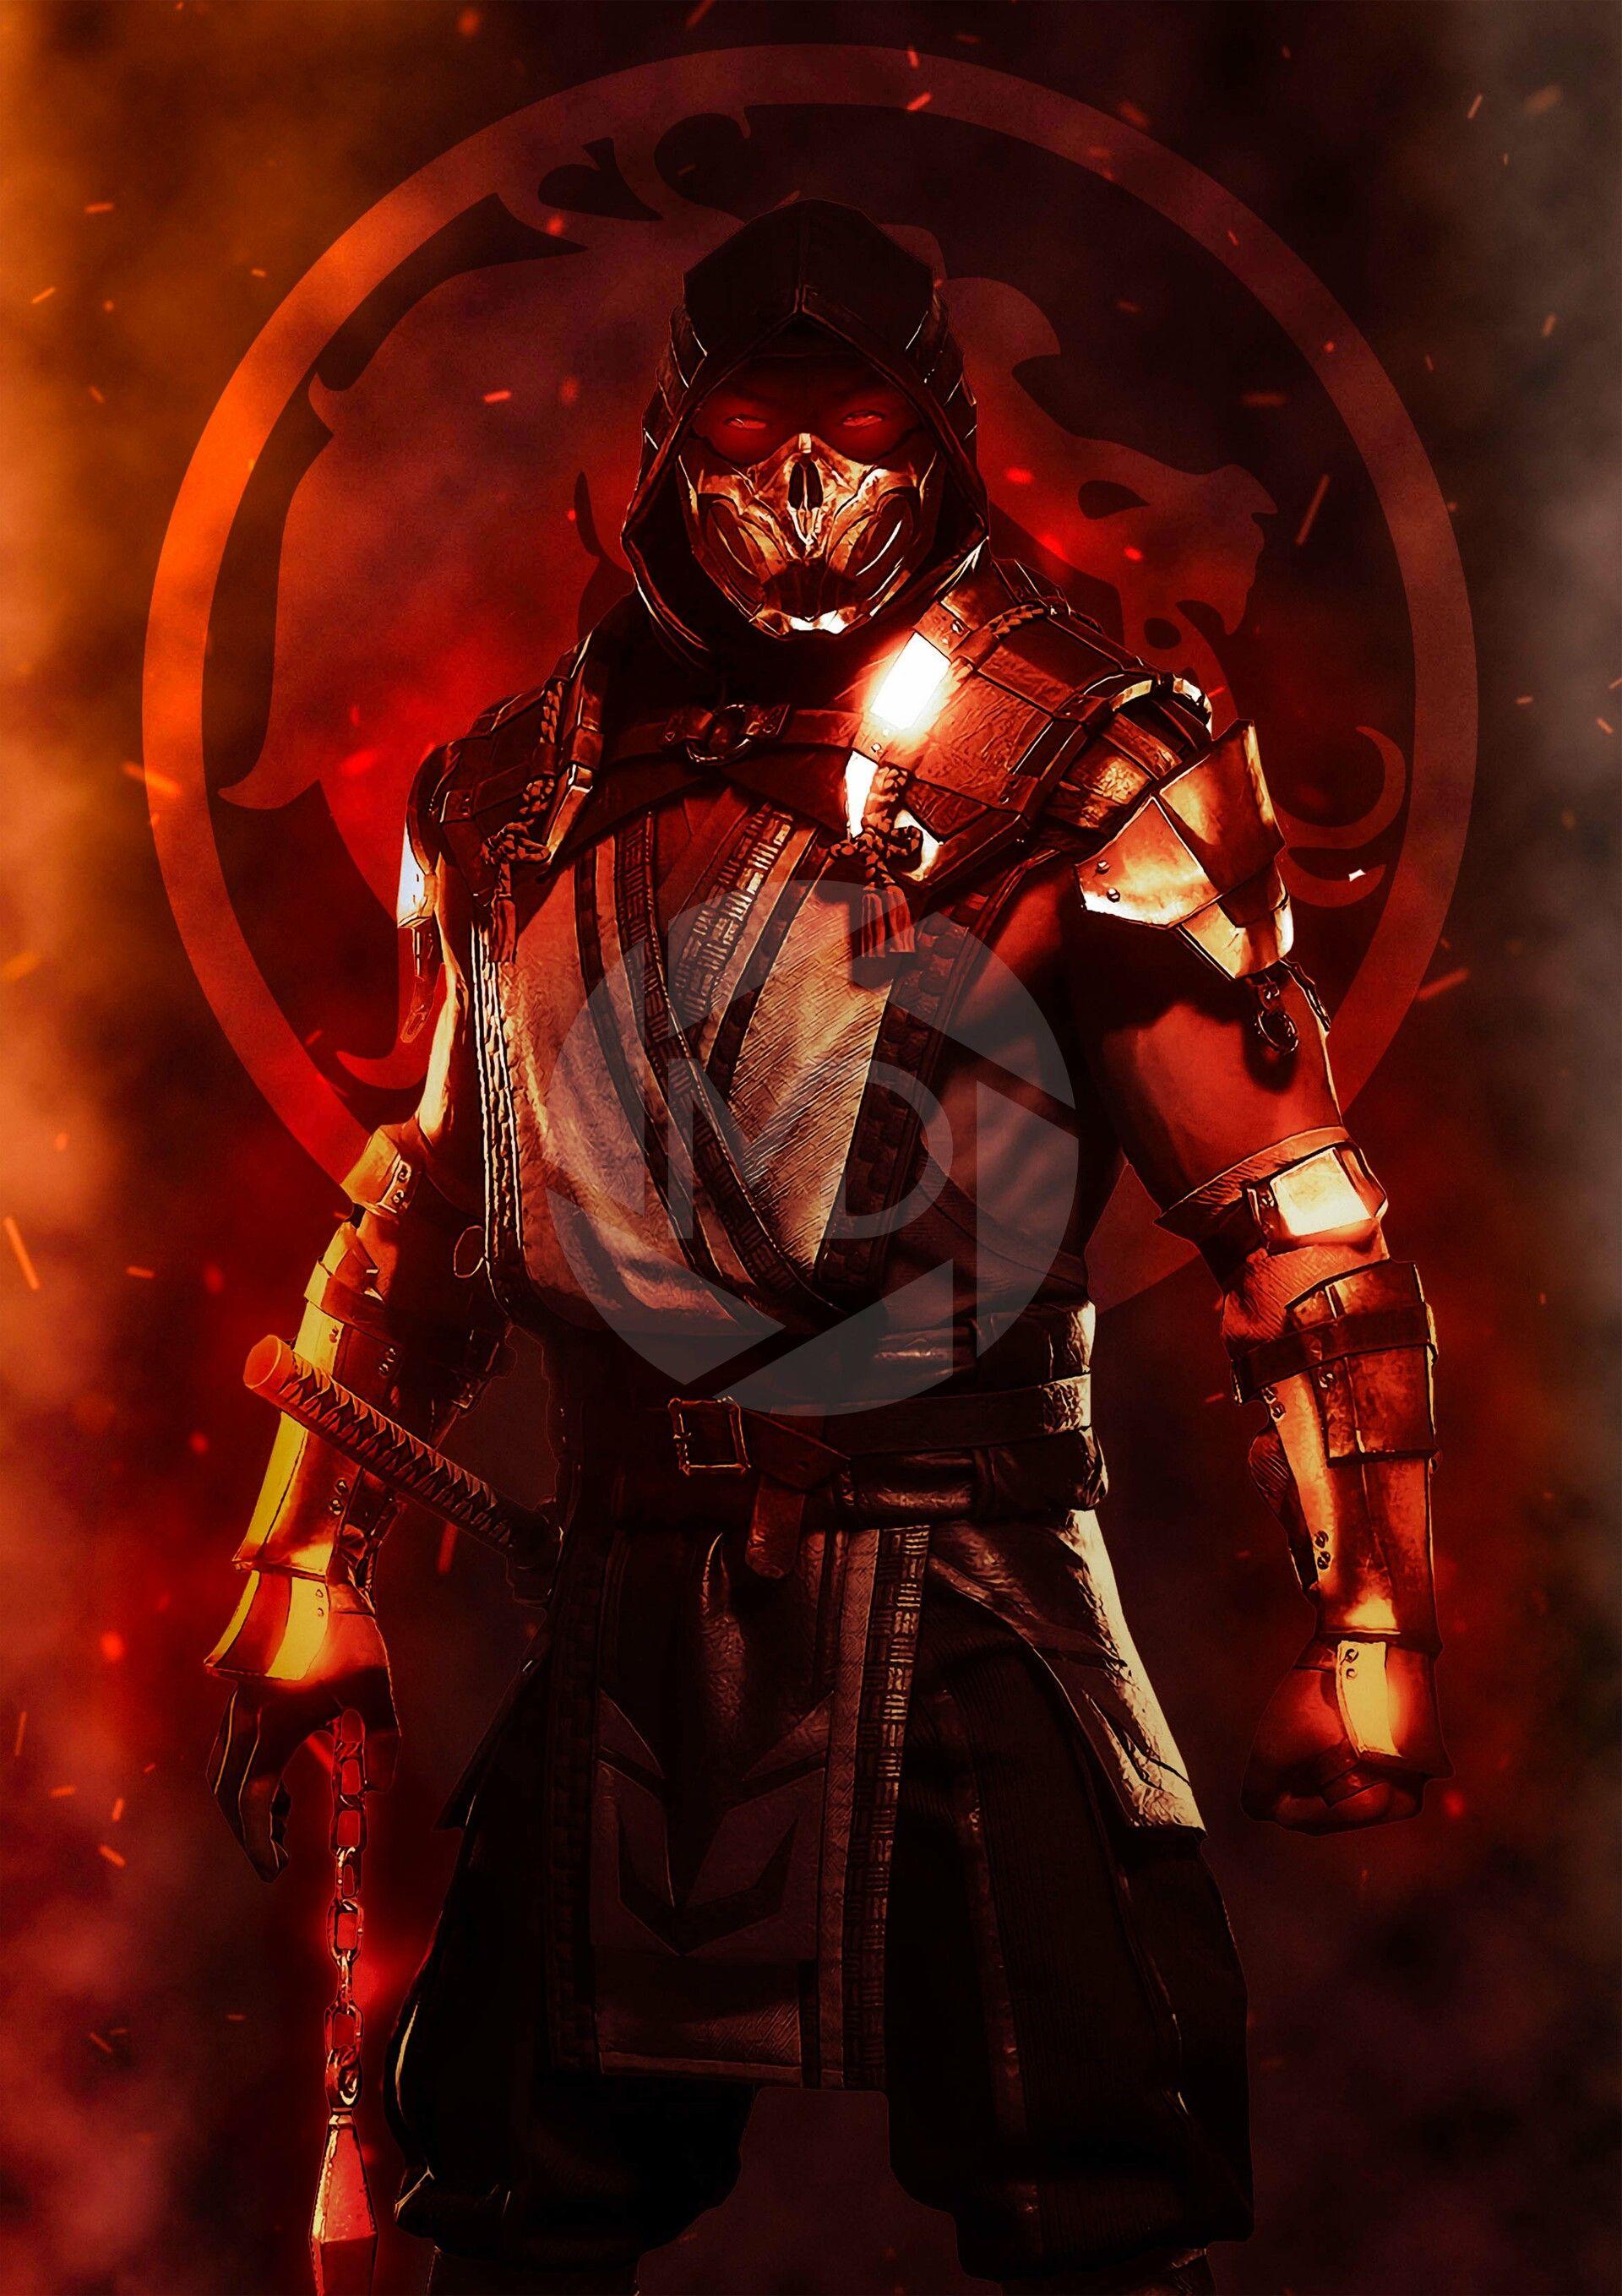 Artstation Mortal Kombat 11 Scorpion Mdesign Digital